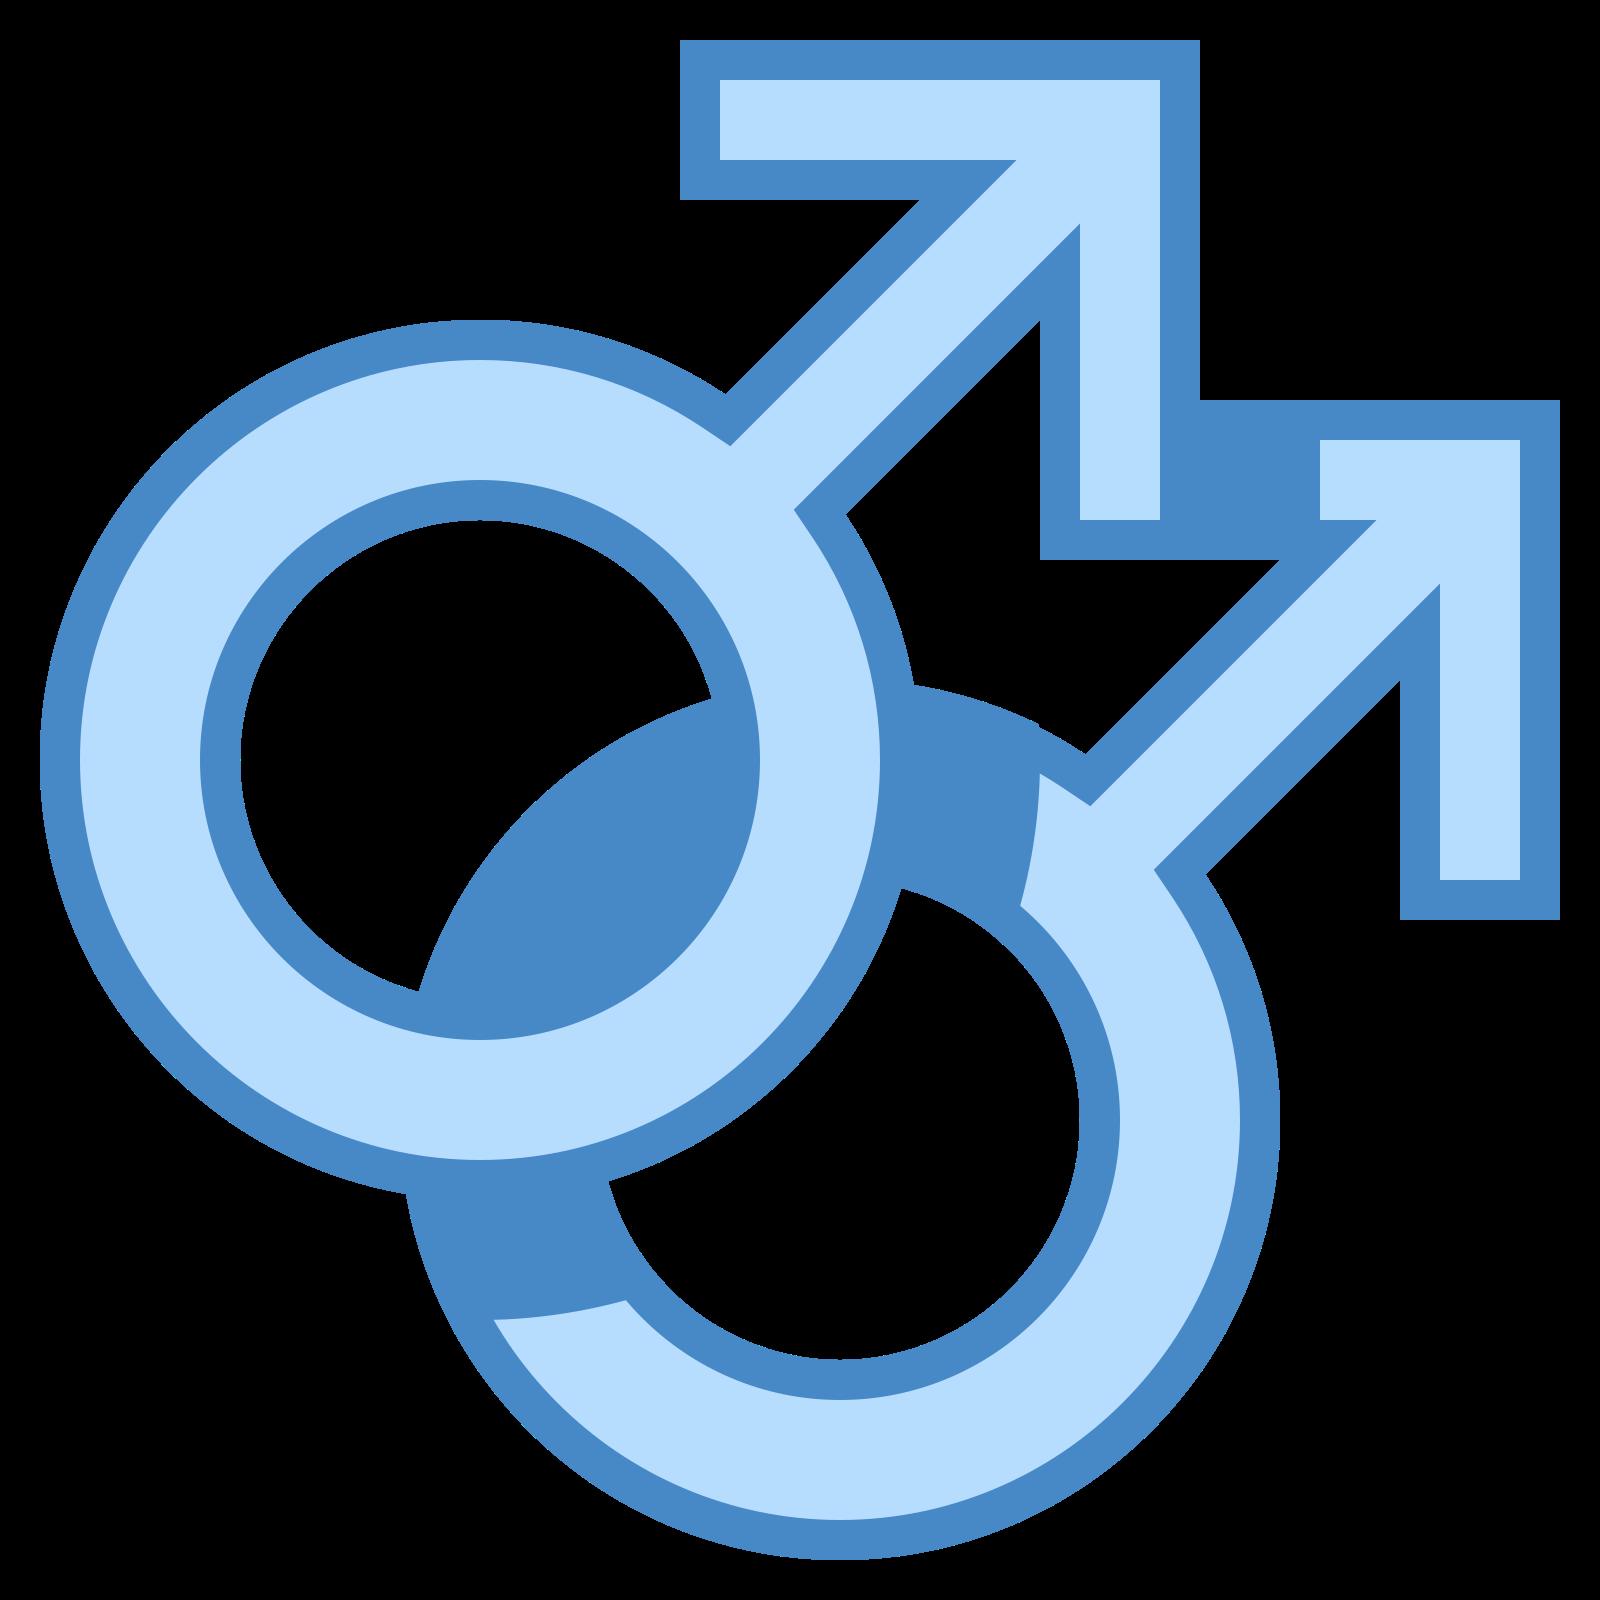 Gay Pride icon